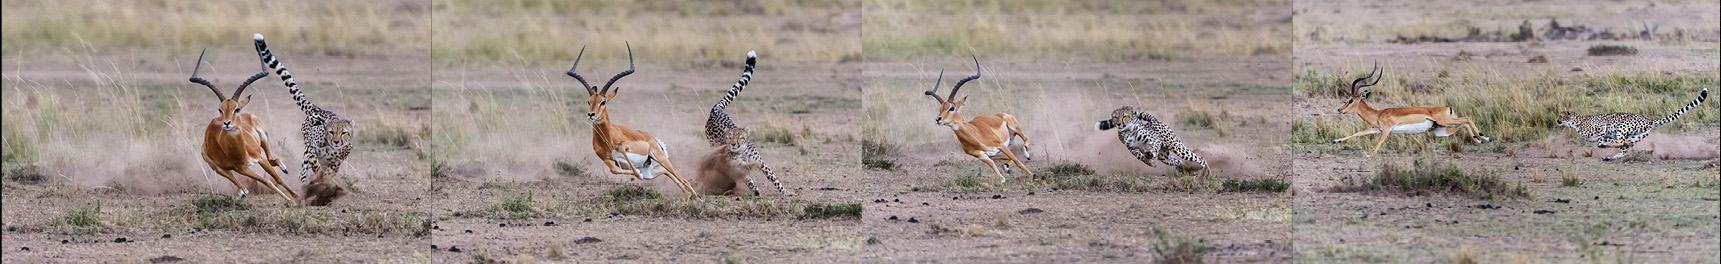 Ein schneller Richtungswechsel und aufwirbelnder Staub bremsten den Geparden erneut aus, er kam nicht mehr auf Schlagdistanz heran